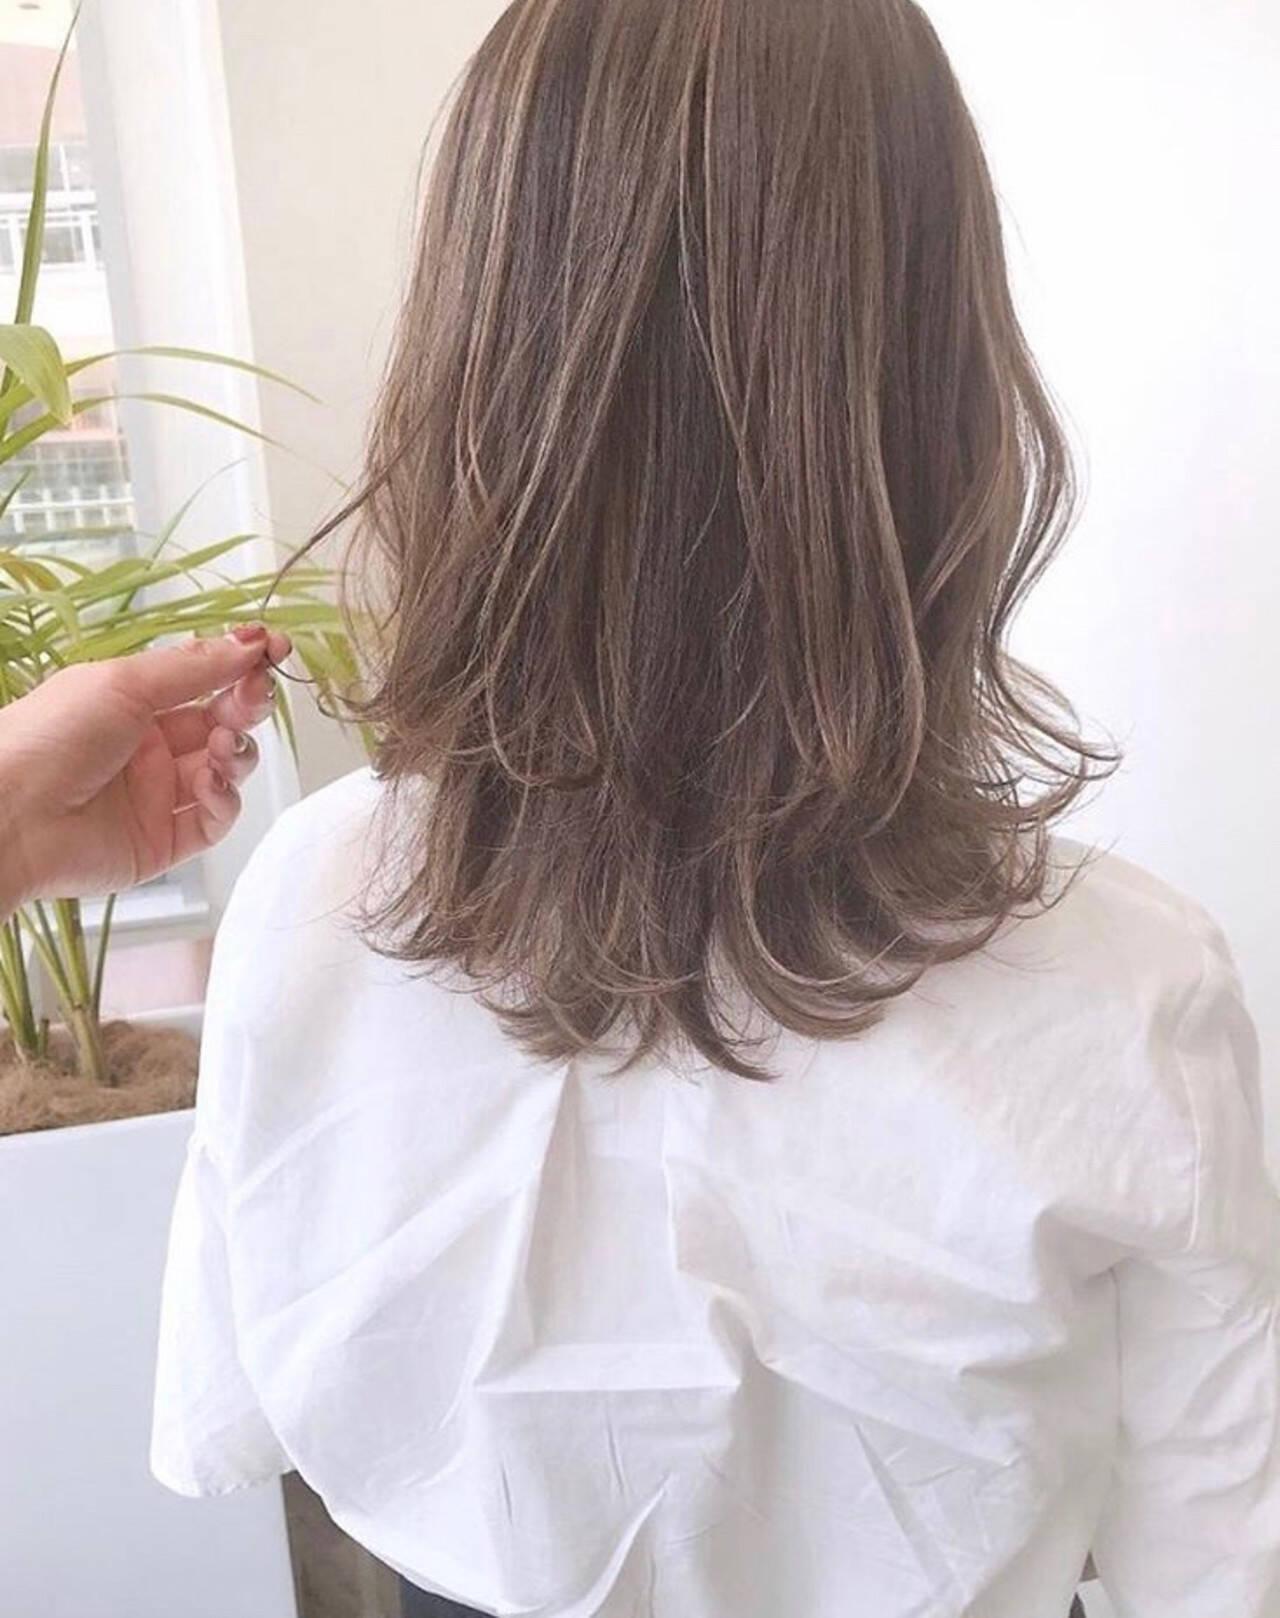 極細ハイライト レイヤーカット ハイライト 大人ハイライトヘアスタイルや髪型の写真・画像